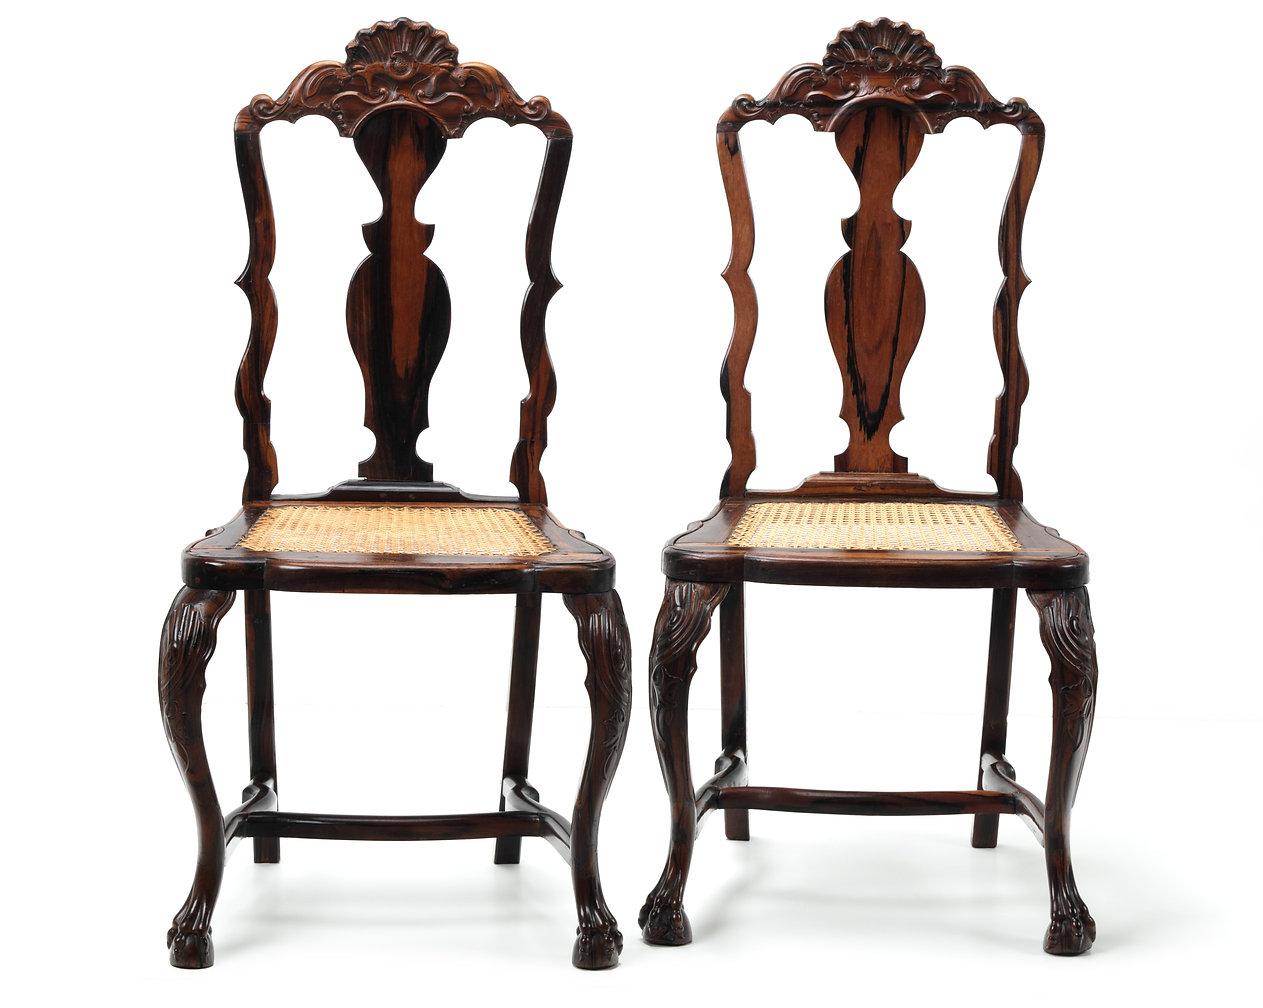 paar coromandel stoelen copy.jpg